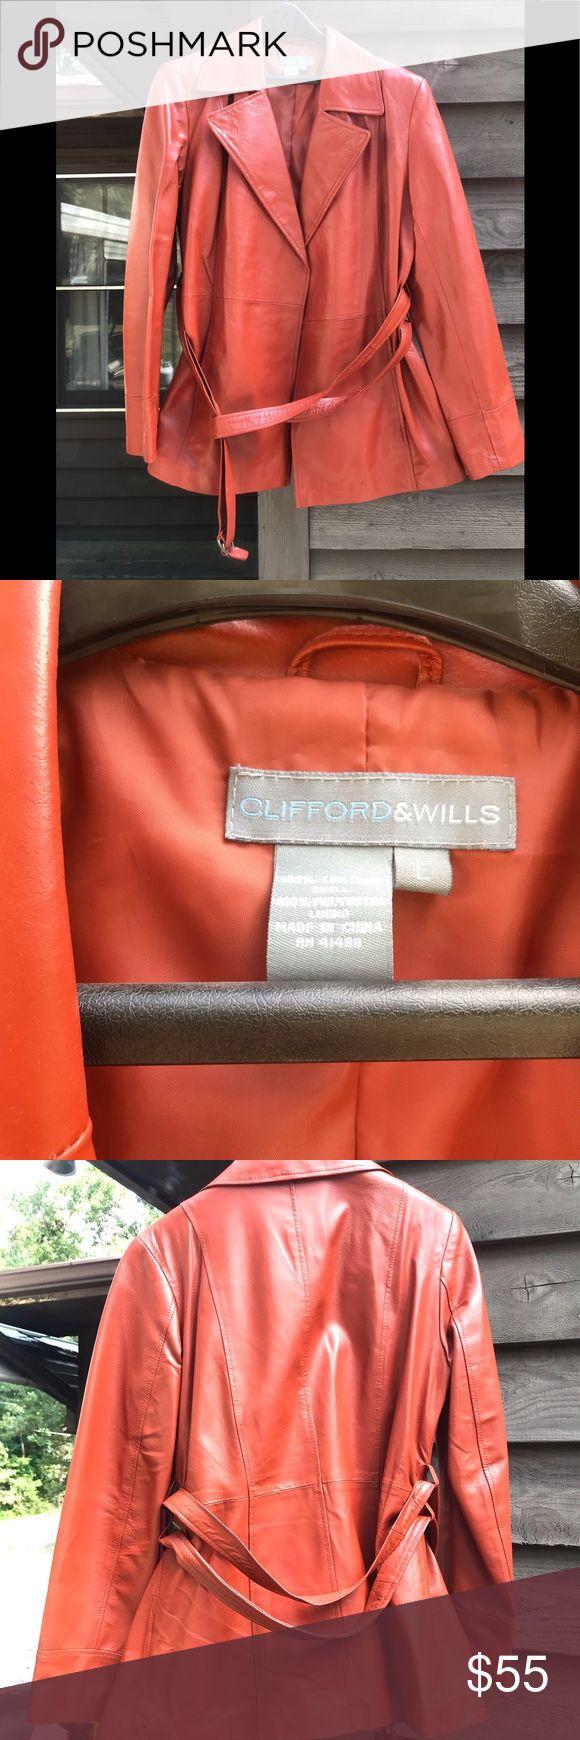 Orange Leather Jacket Beautiful genuine leather jacket in